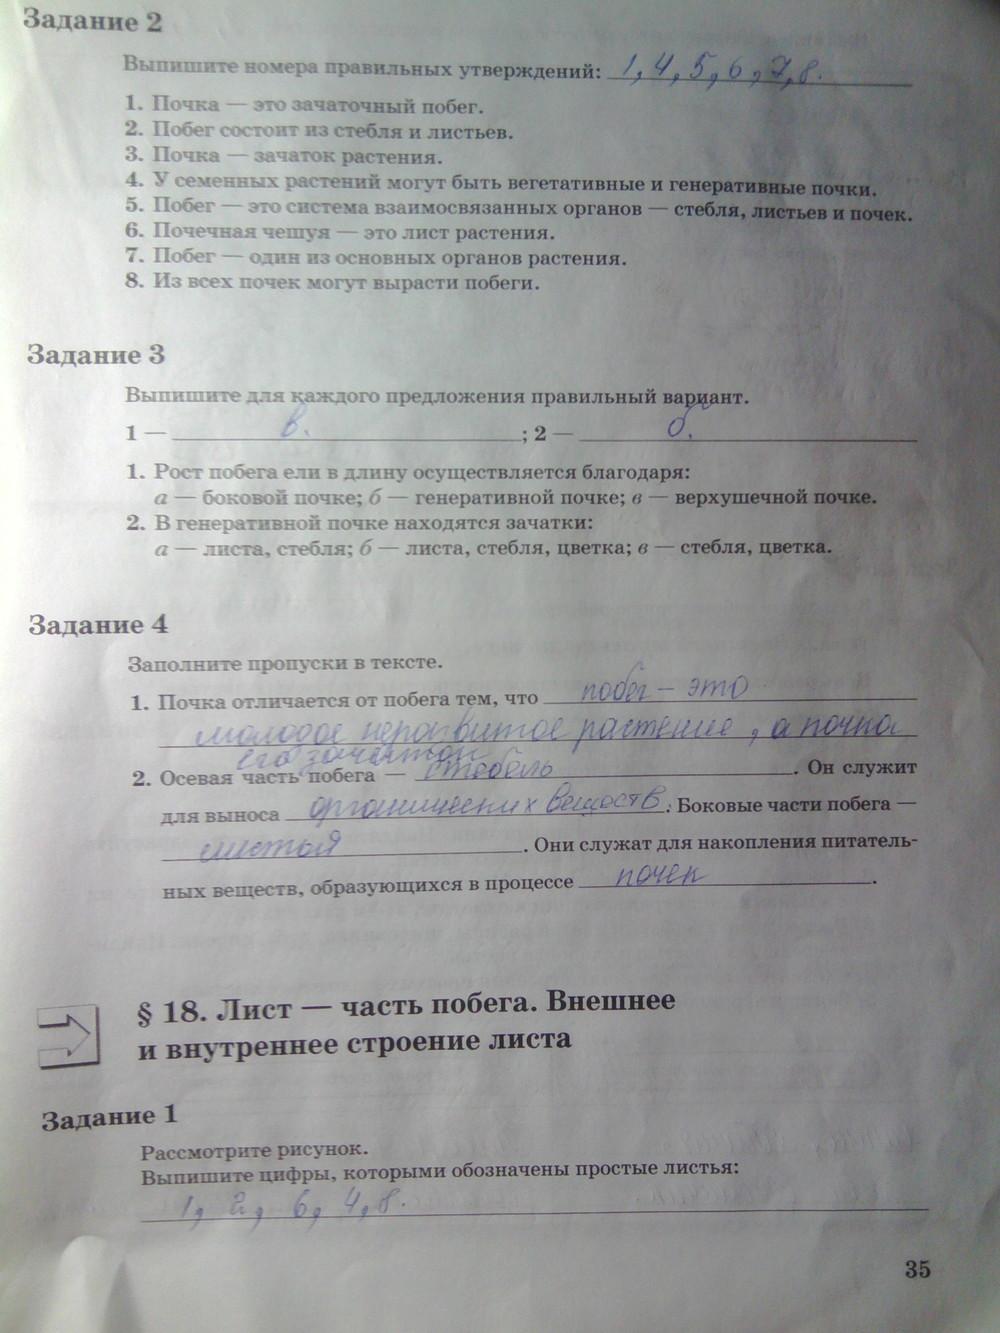 2018 класс биология пономарев гдз 6